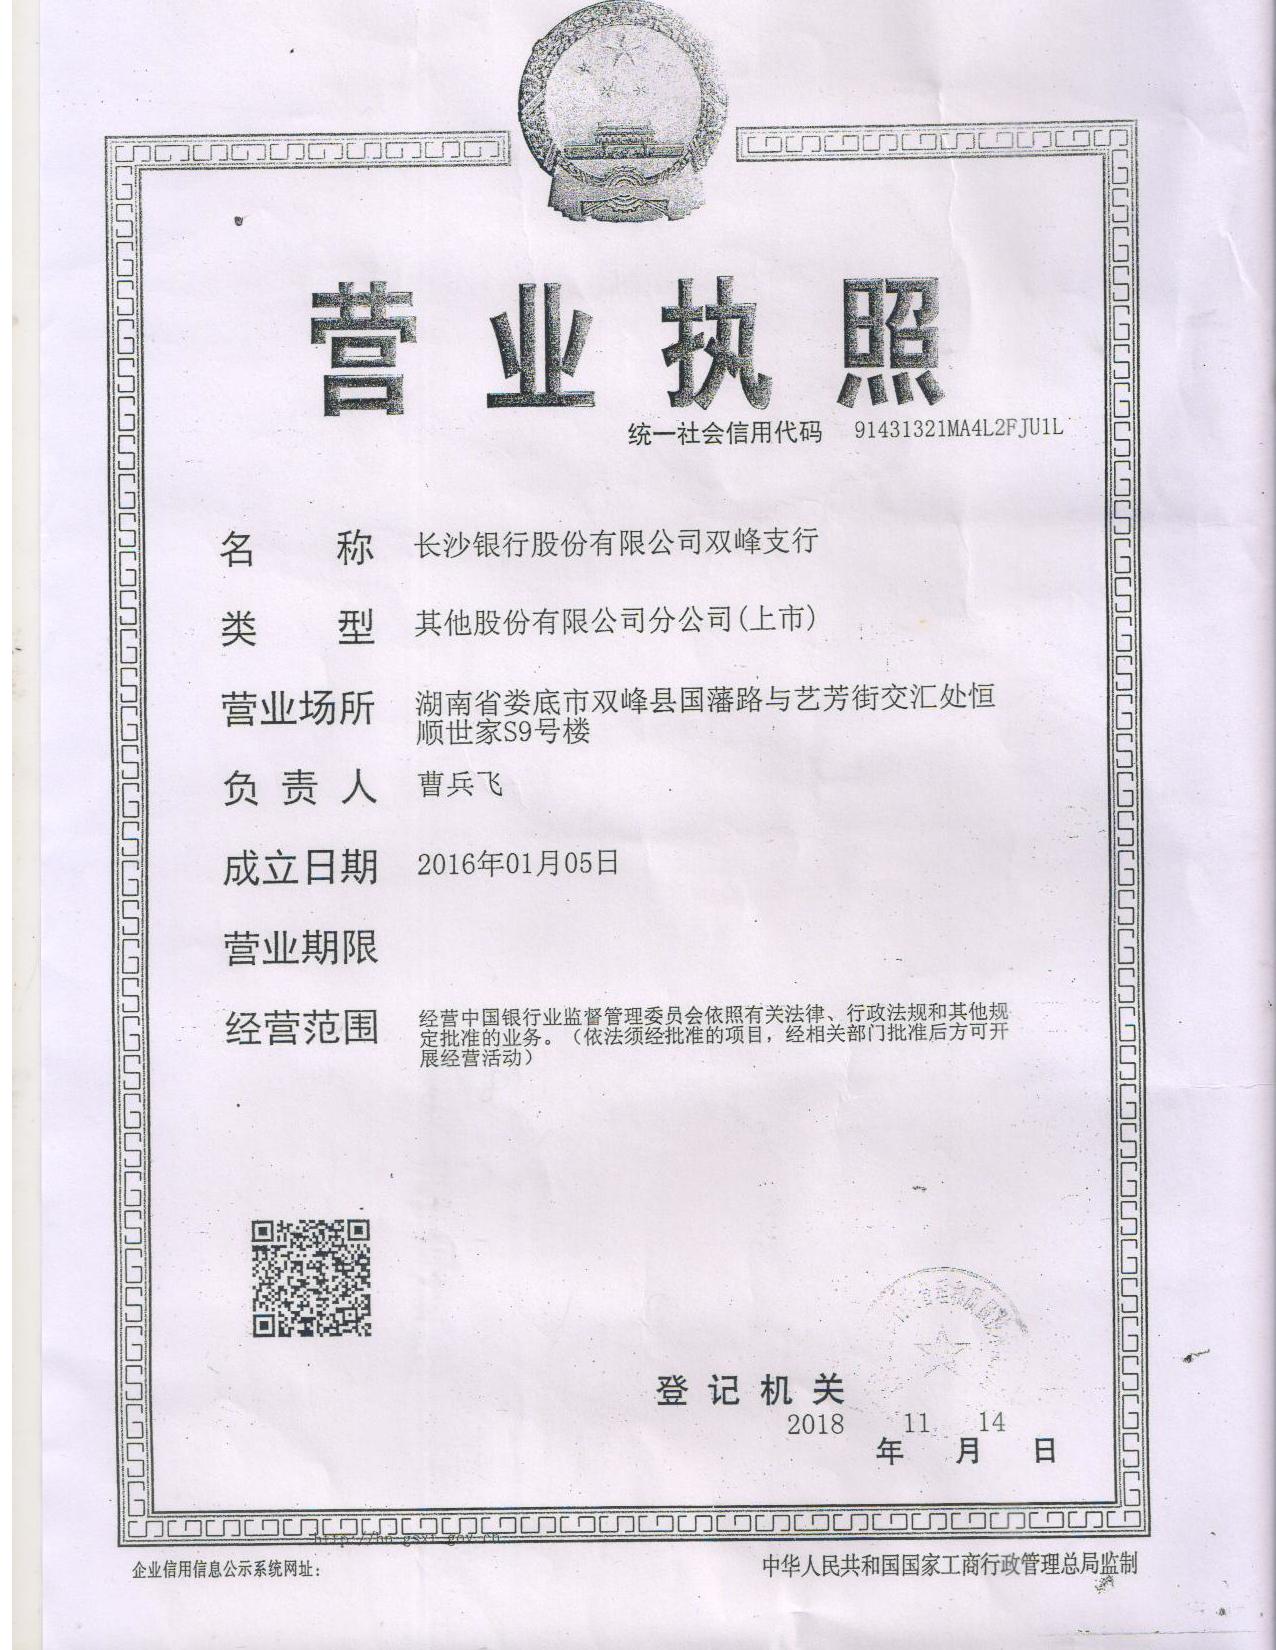 长沙银行股份有限公司双峰支行